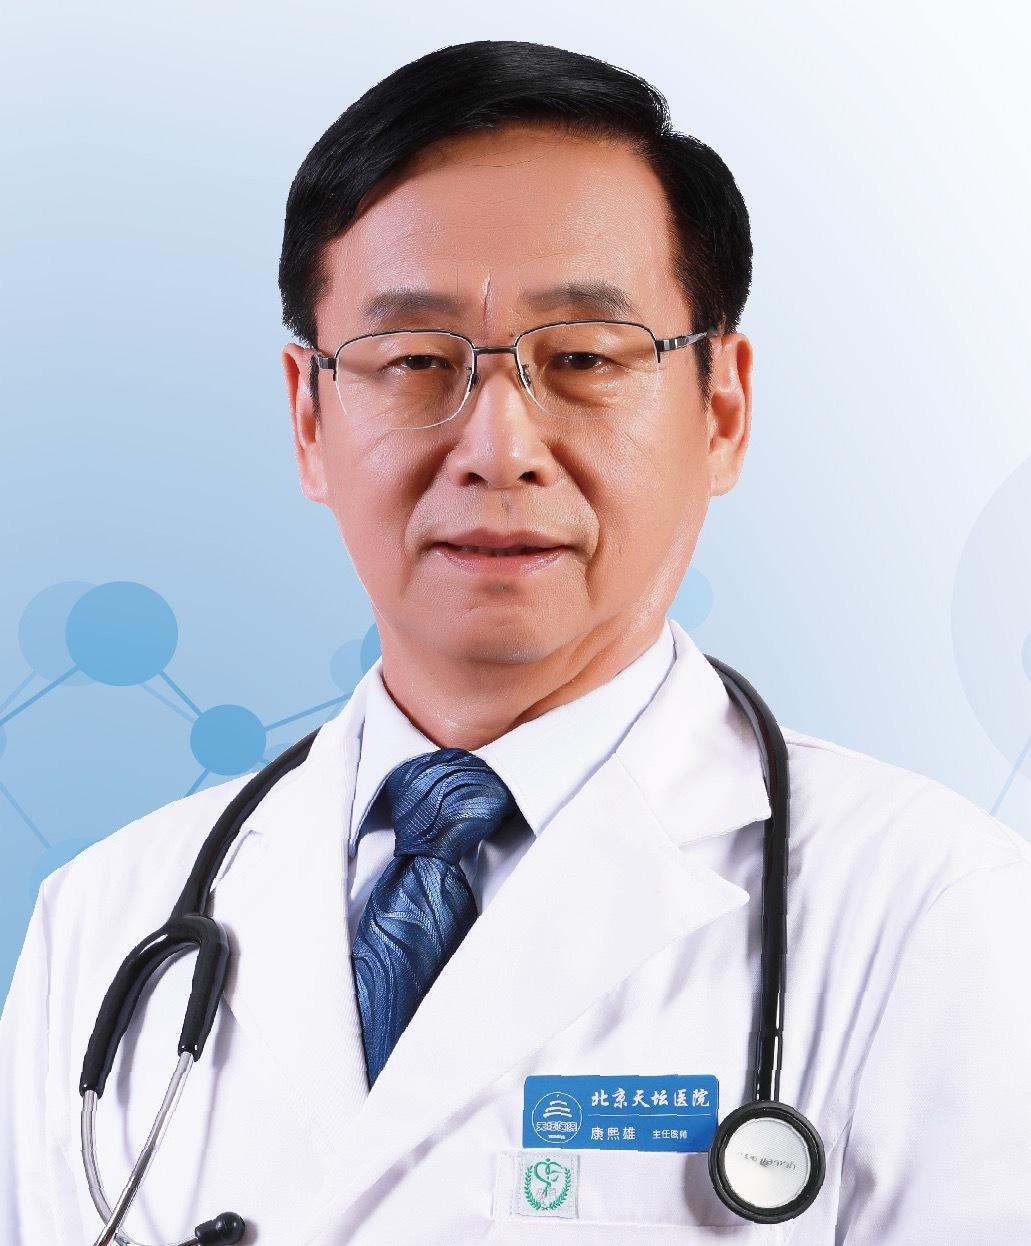 1997年4月在东京大学医学科学研究所任研究员,2001年8月至今任首都医科大学北京天坛医院实验诊断中心主任,主任医师,教授,博士生导师,兼任北京航空航天大学博士生导师。2003年,康熙雄作为北京市疾控中心临床诊断组组长,参与SARS疫情防控全过程。